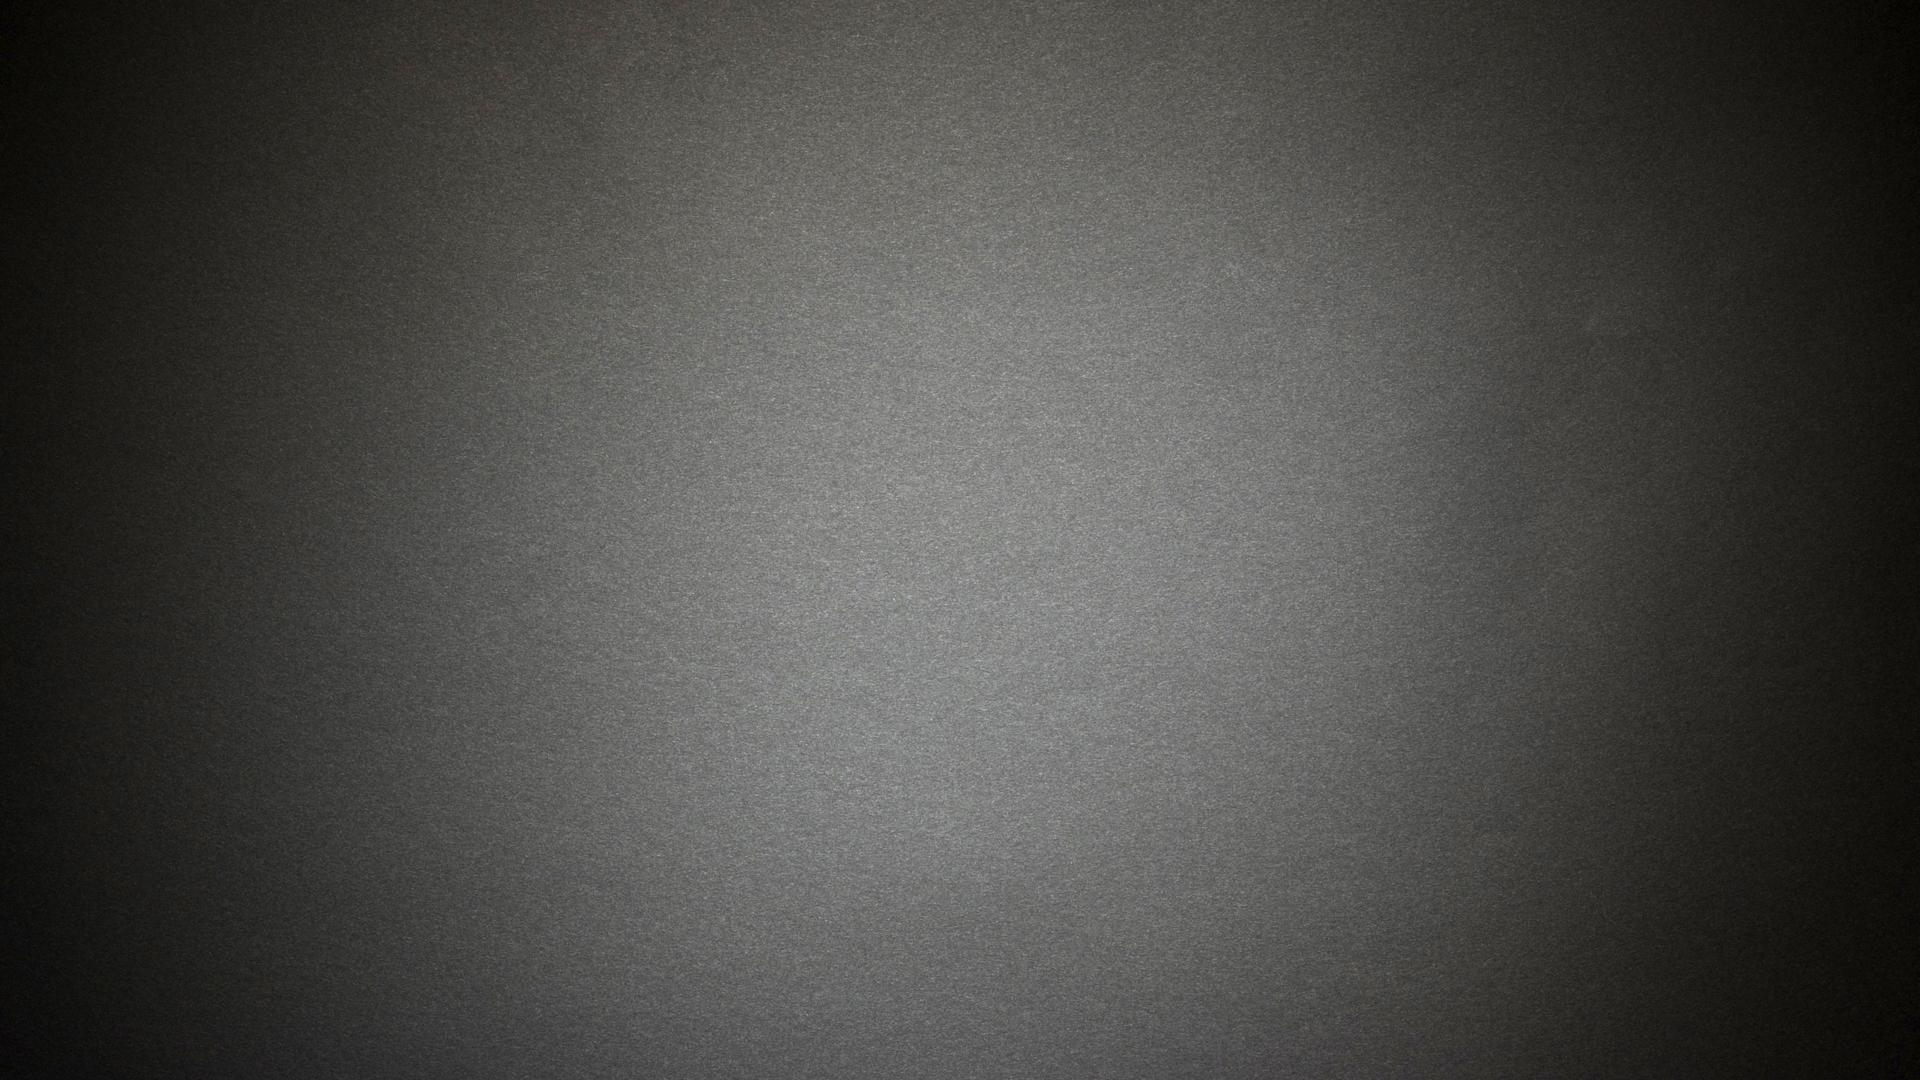 background wallpaperwebsites desktop website templates web 19201080 1920x1080